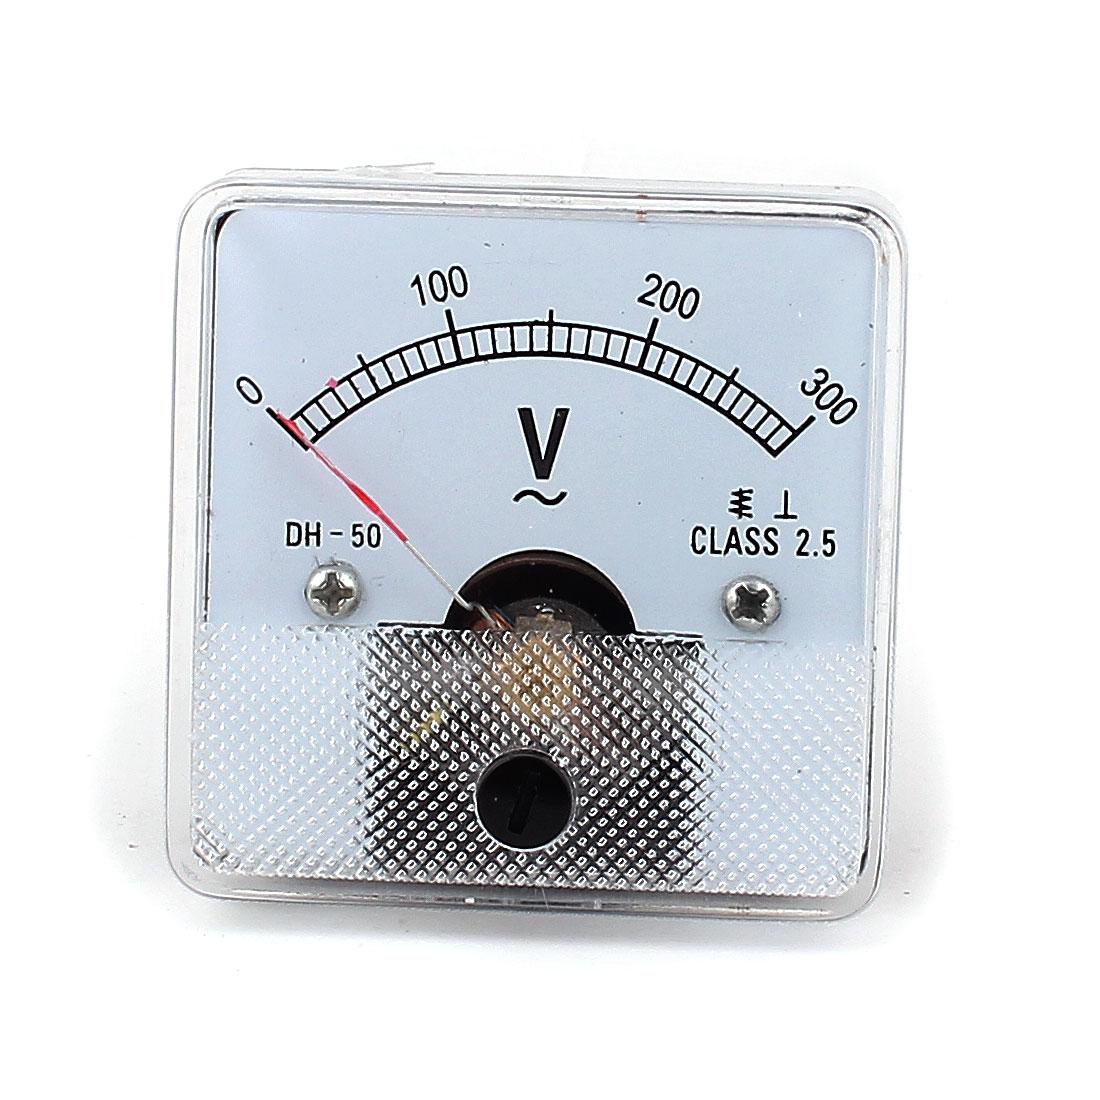 AC 0-300V Square Analogue Panel Meter Volt Voltage Gauge Analog Voltmeter